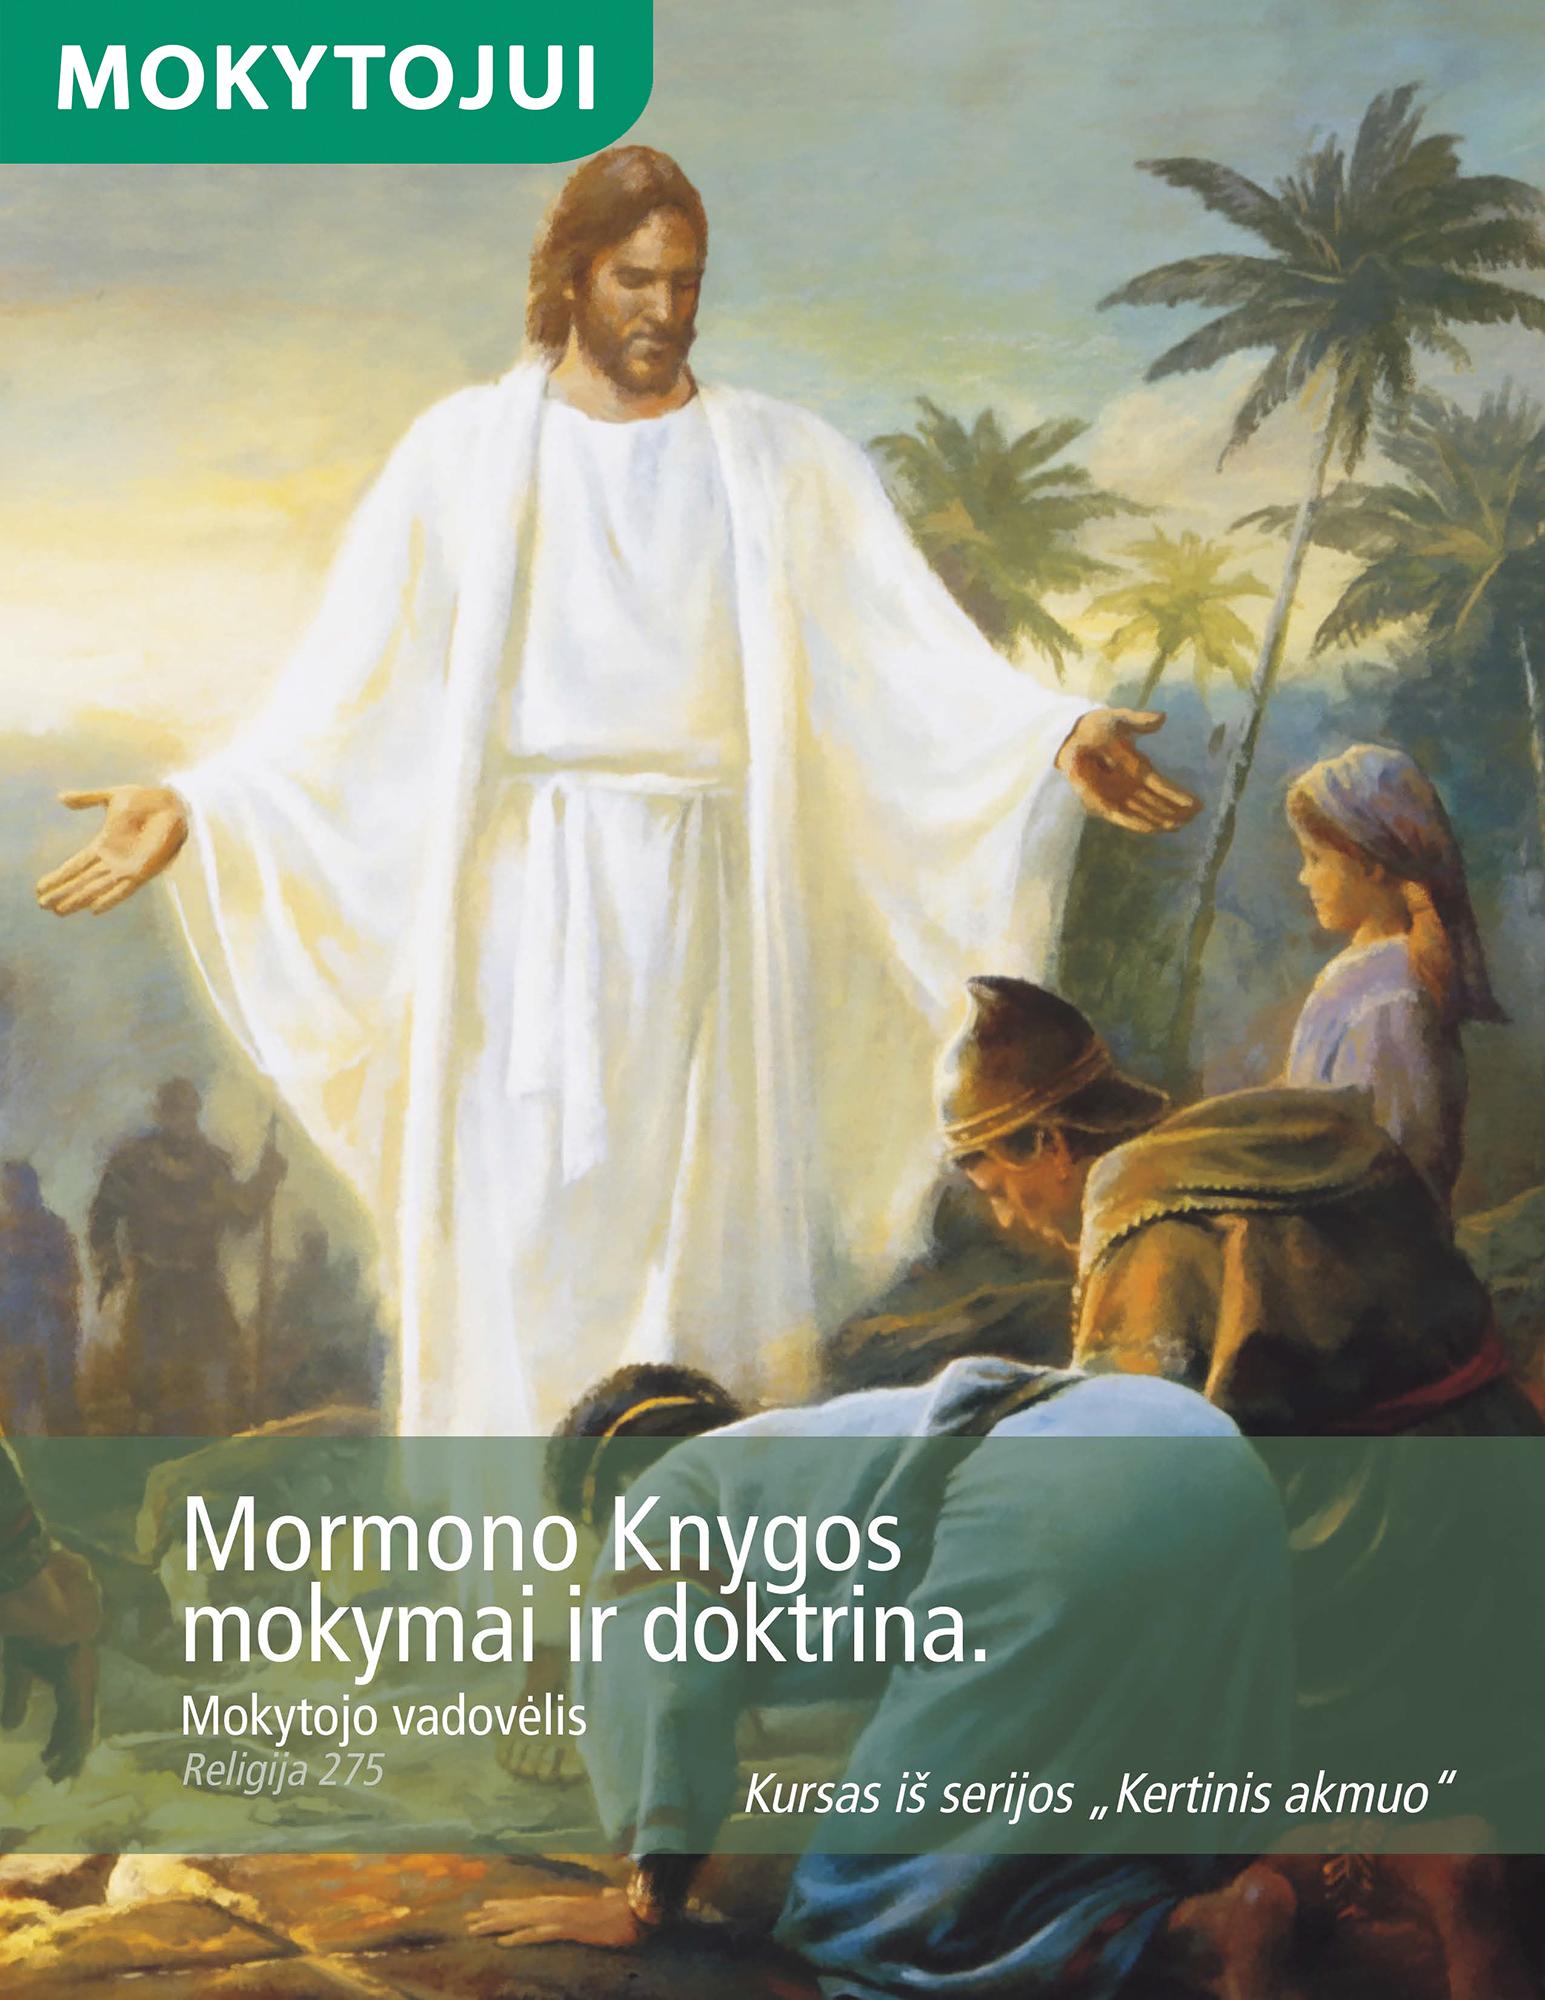 Mormono Knygos mokymai ir doktrina. Mokytojo vadovėlis (Rel 275)